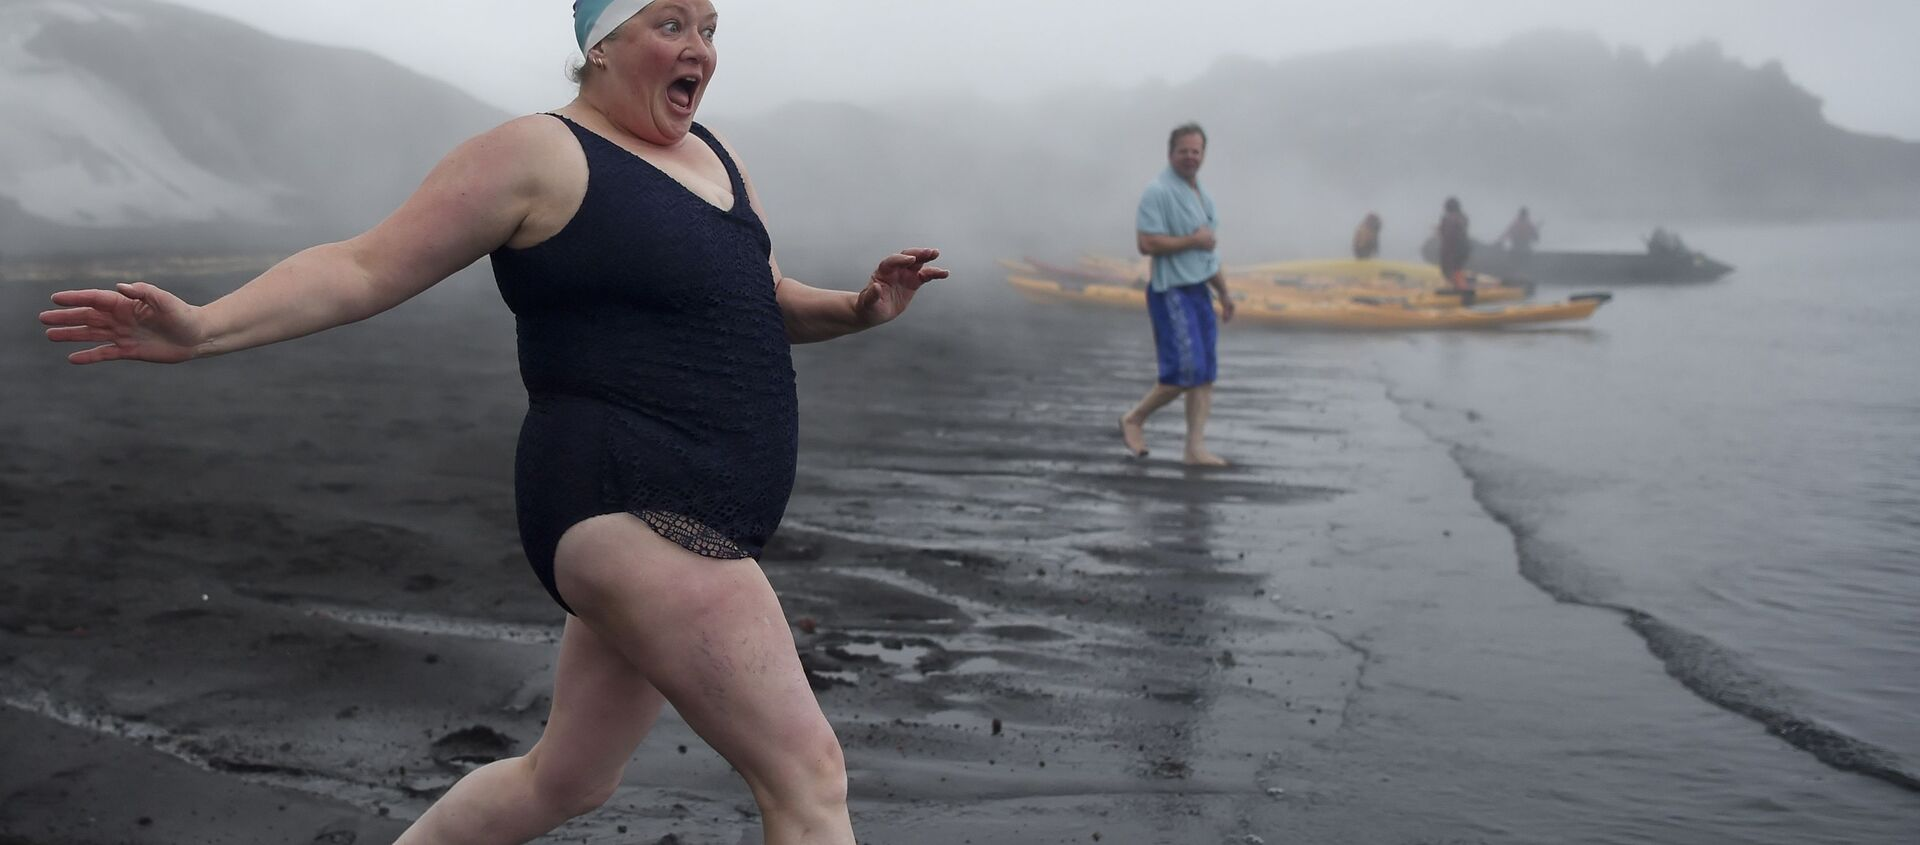 Turyści w czasie kąpieli w gorących źródłach na Wyspie Zwodniczej u wybrzeży Antarktydy - Sputnik Polska, 1920, 09.02.2021